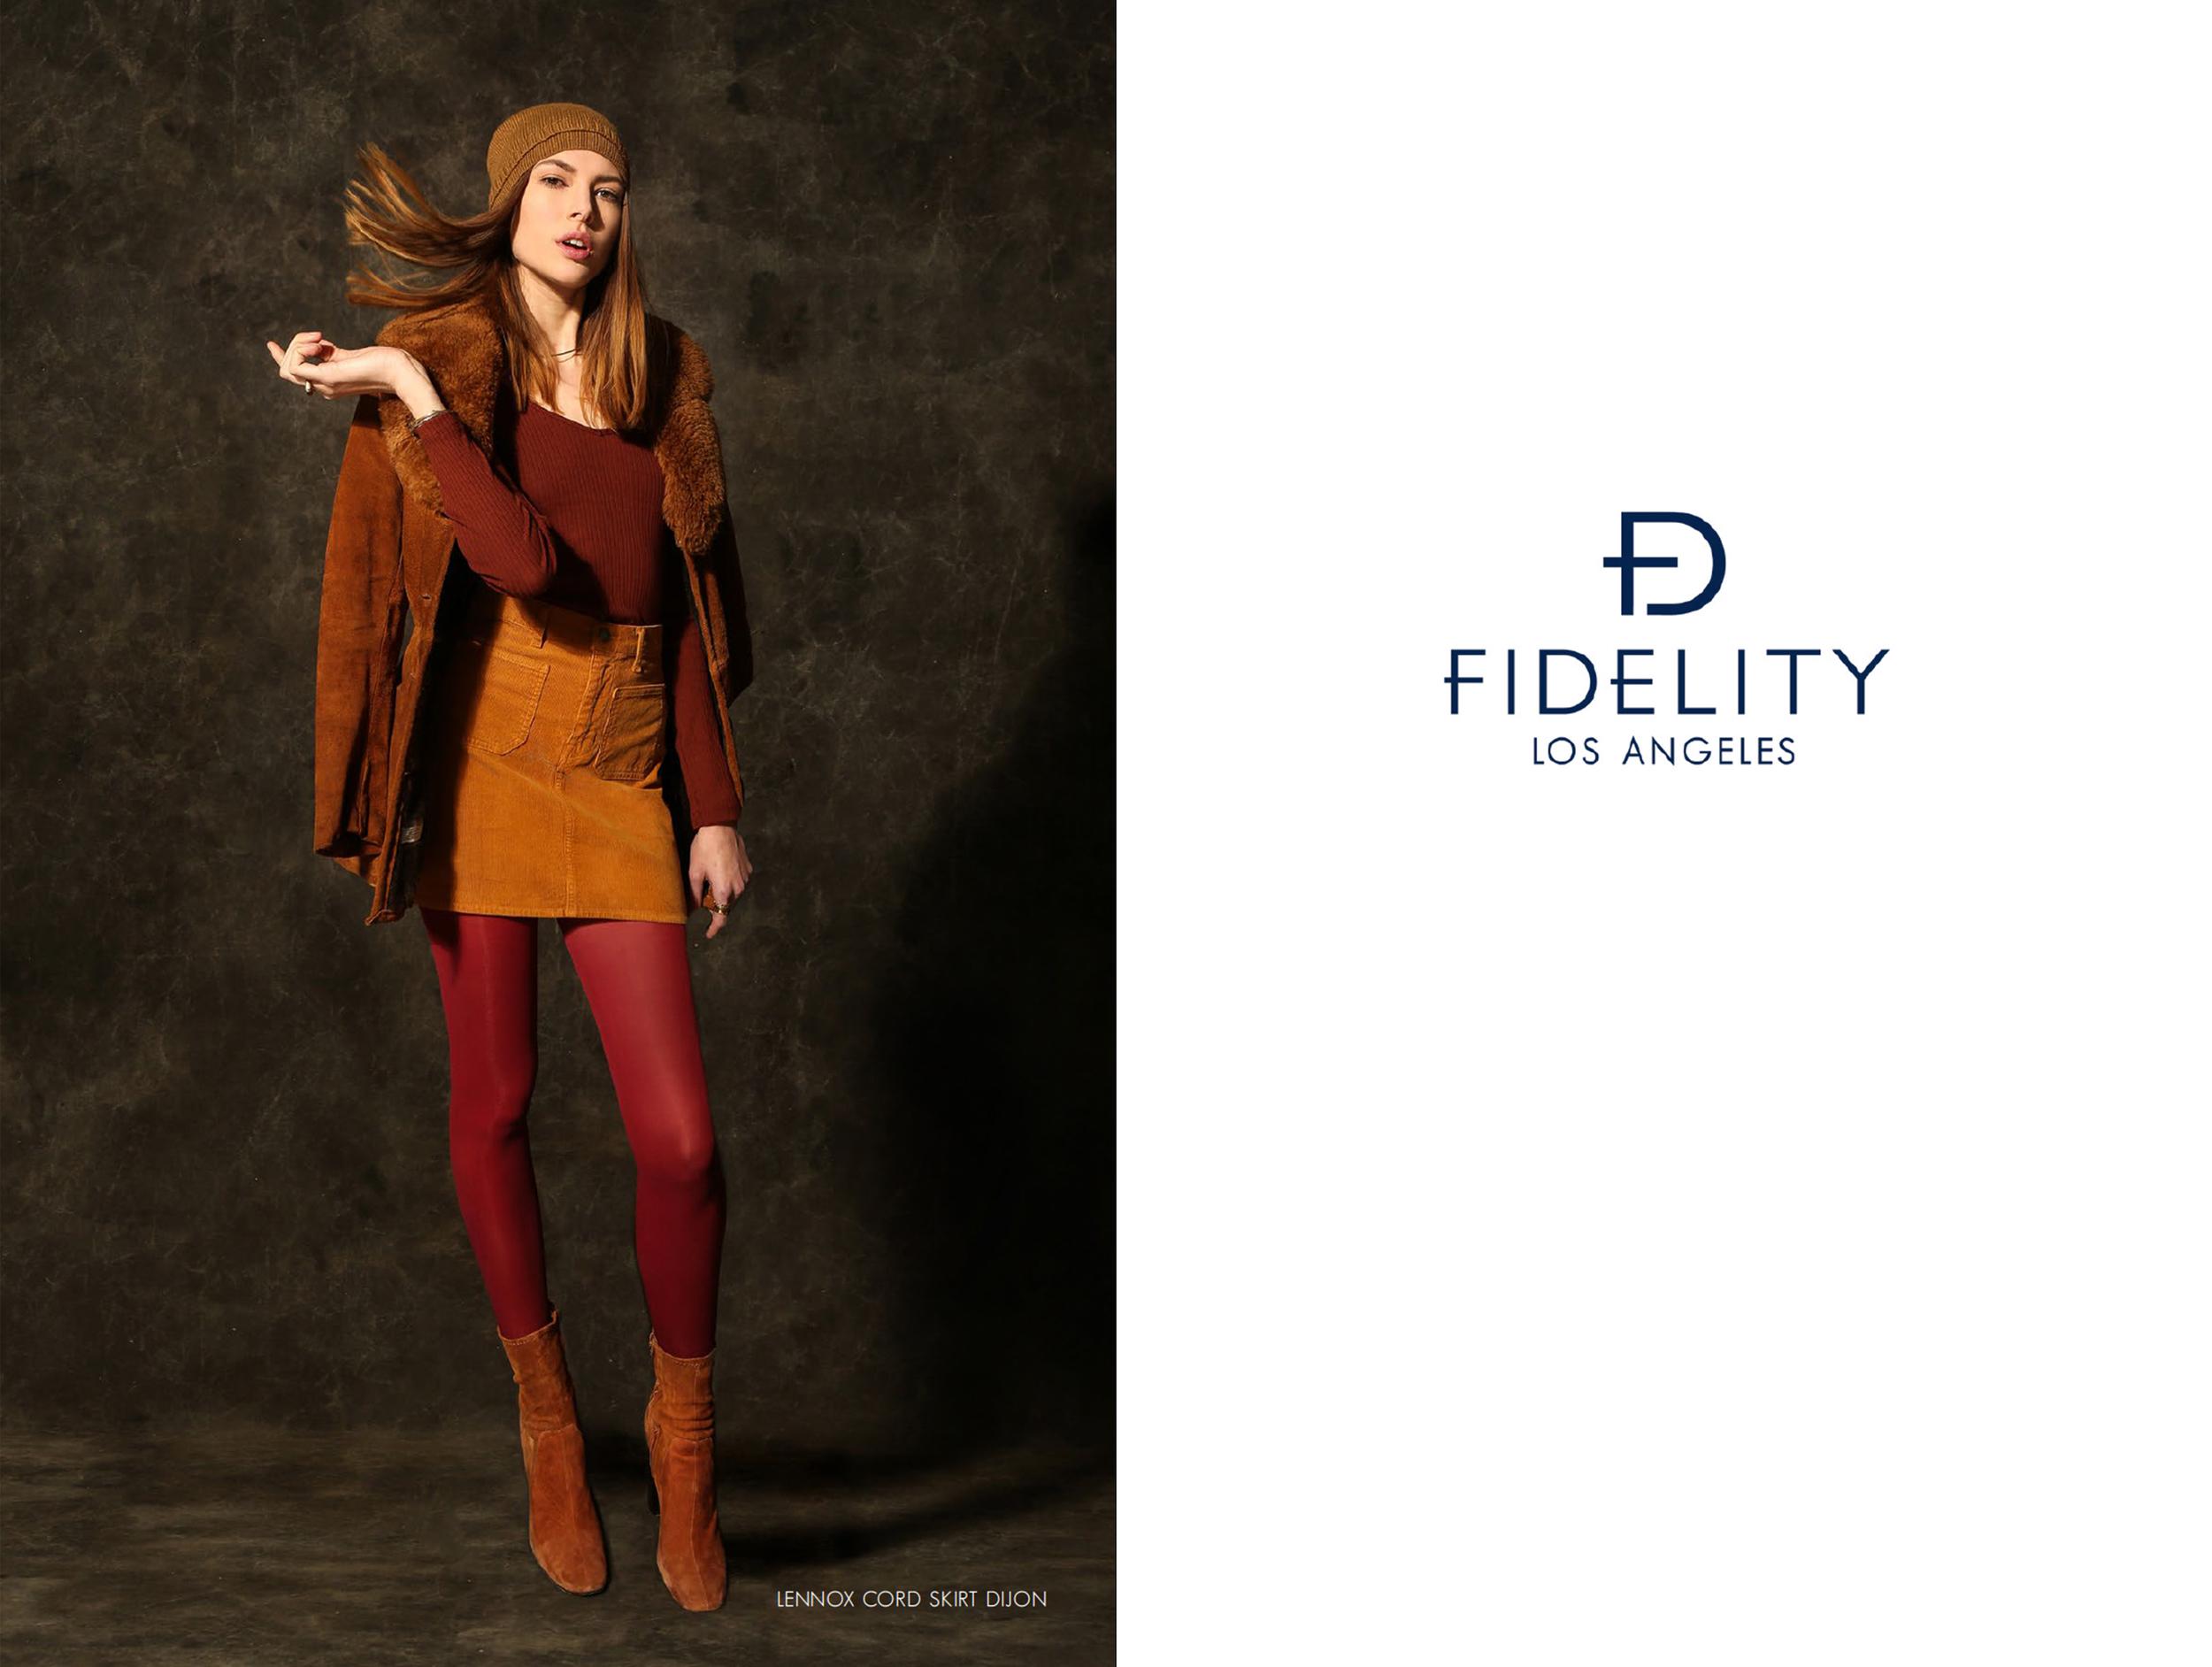 fidelity7.jpg